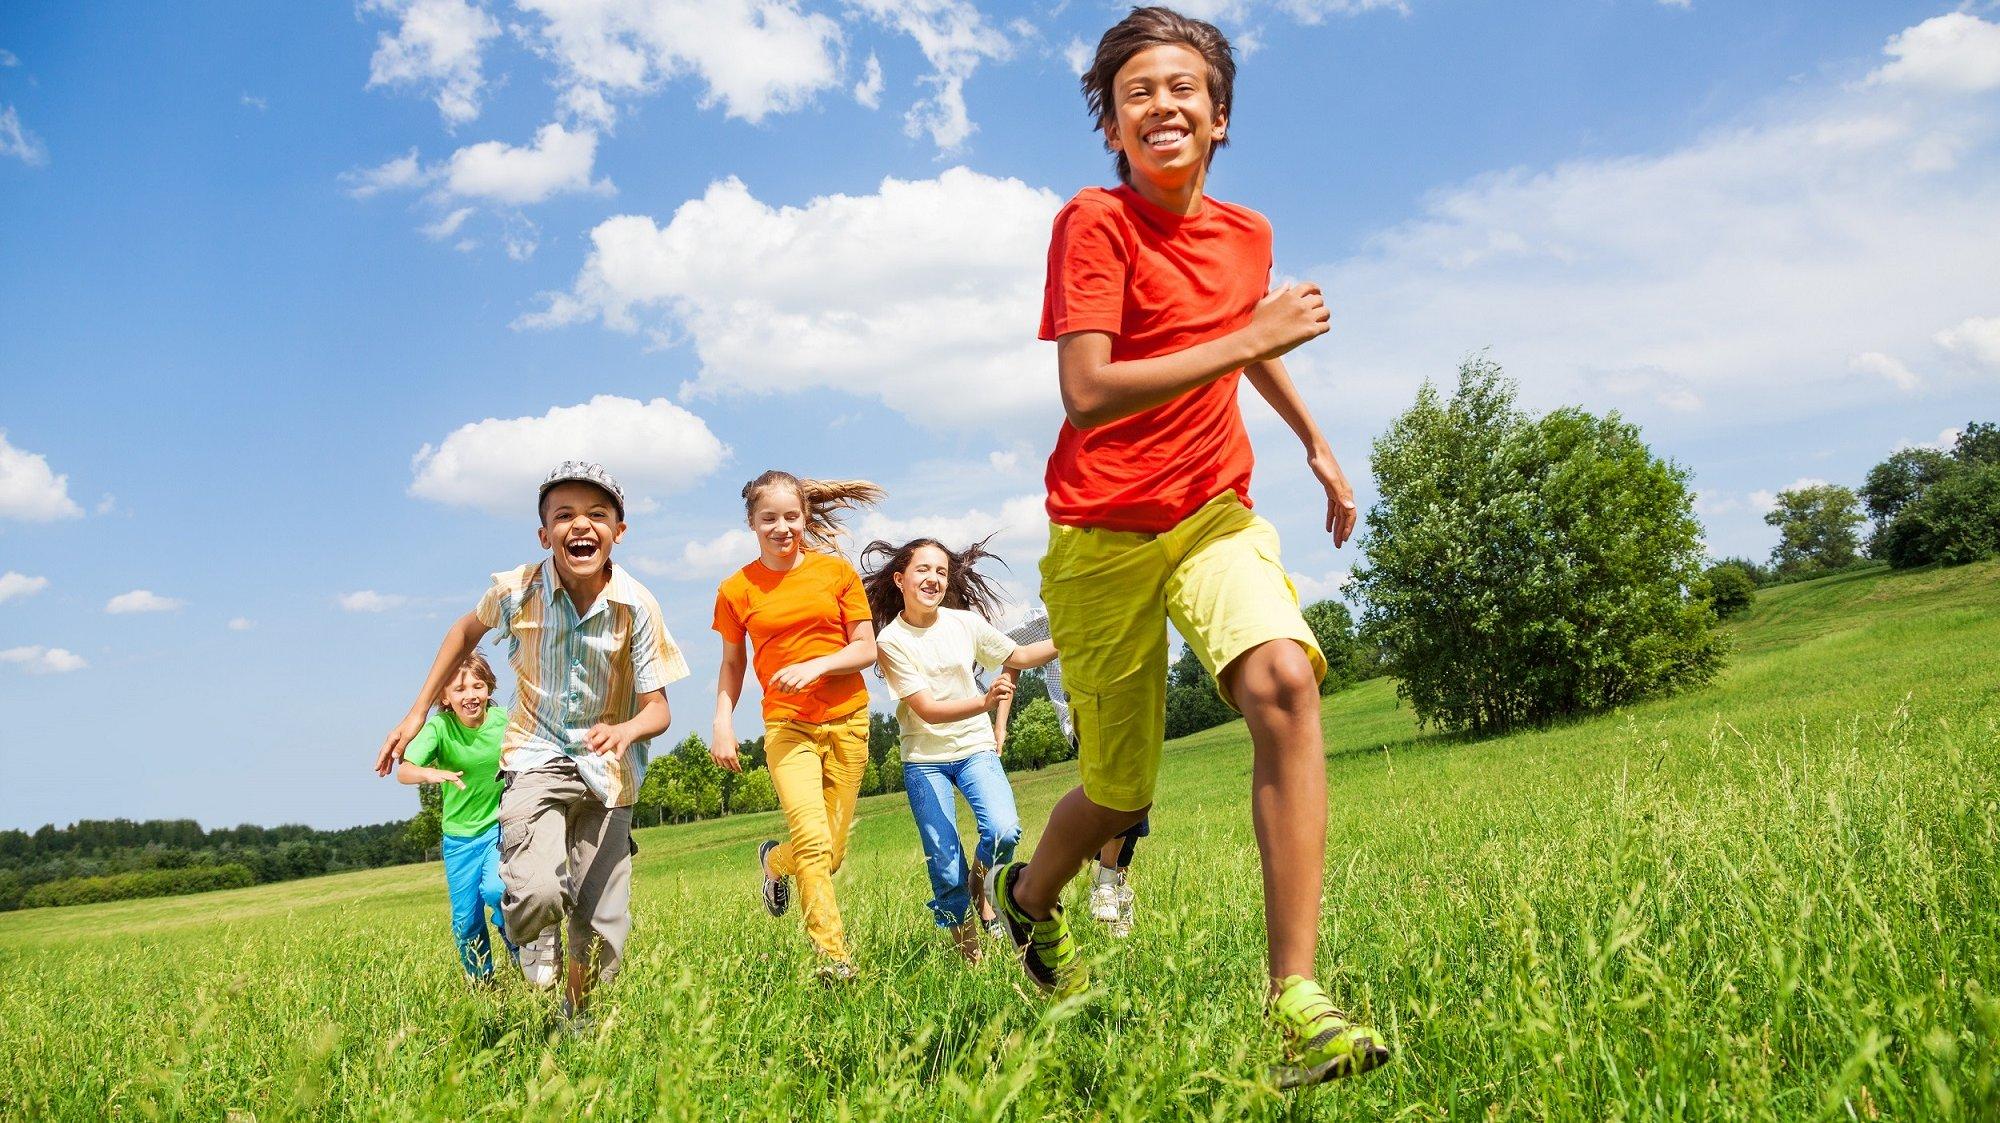 Motion gør dig glad – især når det foregår sammen med andre.